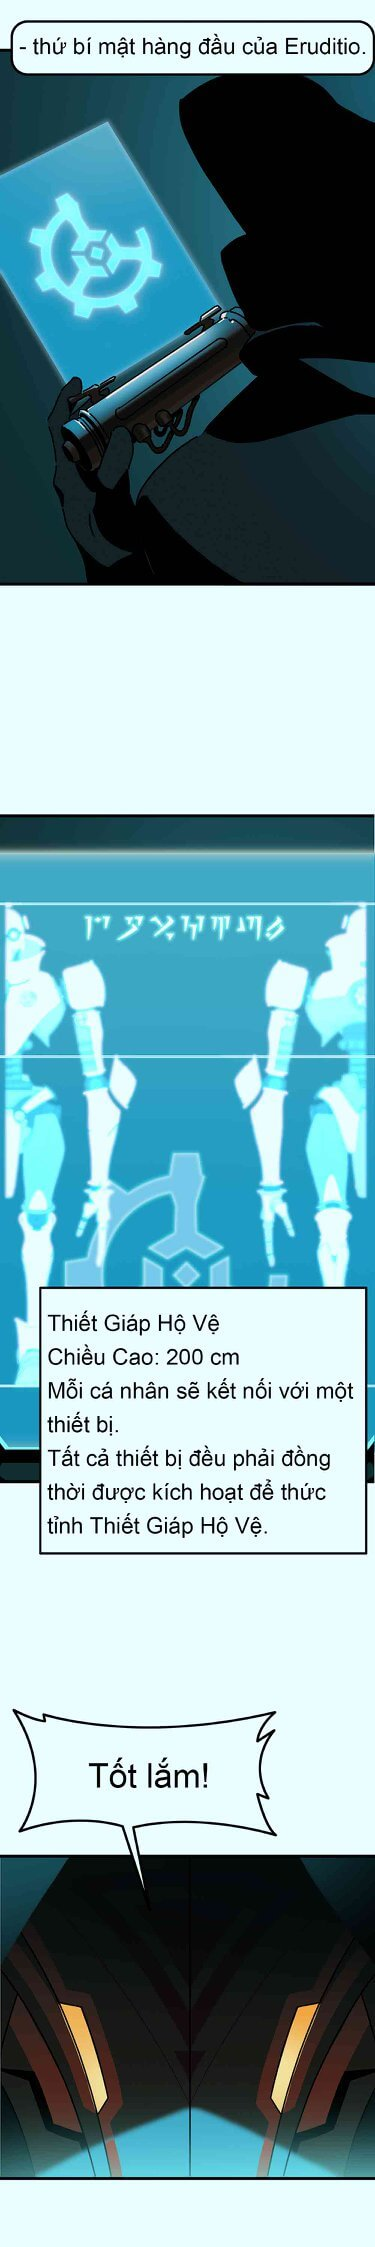 Lethal Nexus: Chương 1 - Cuộc khủng hoảng - Trang 02